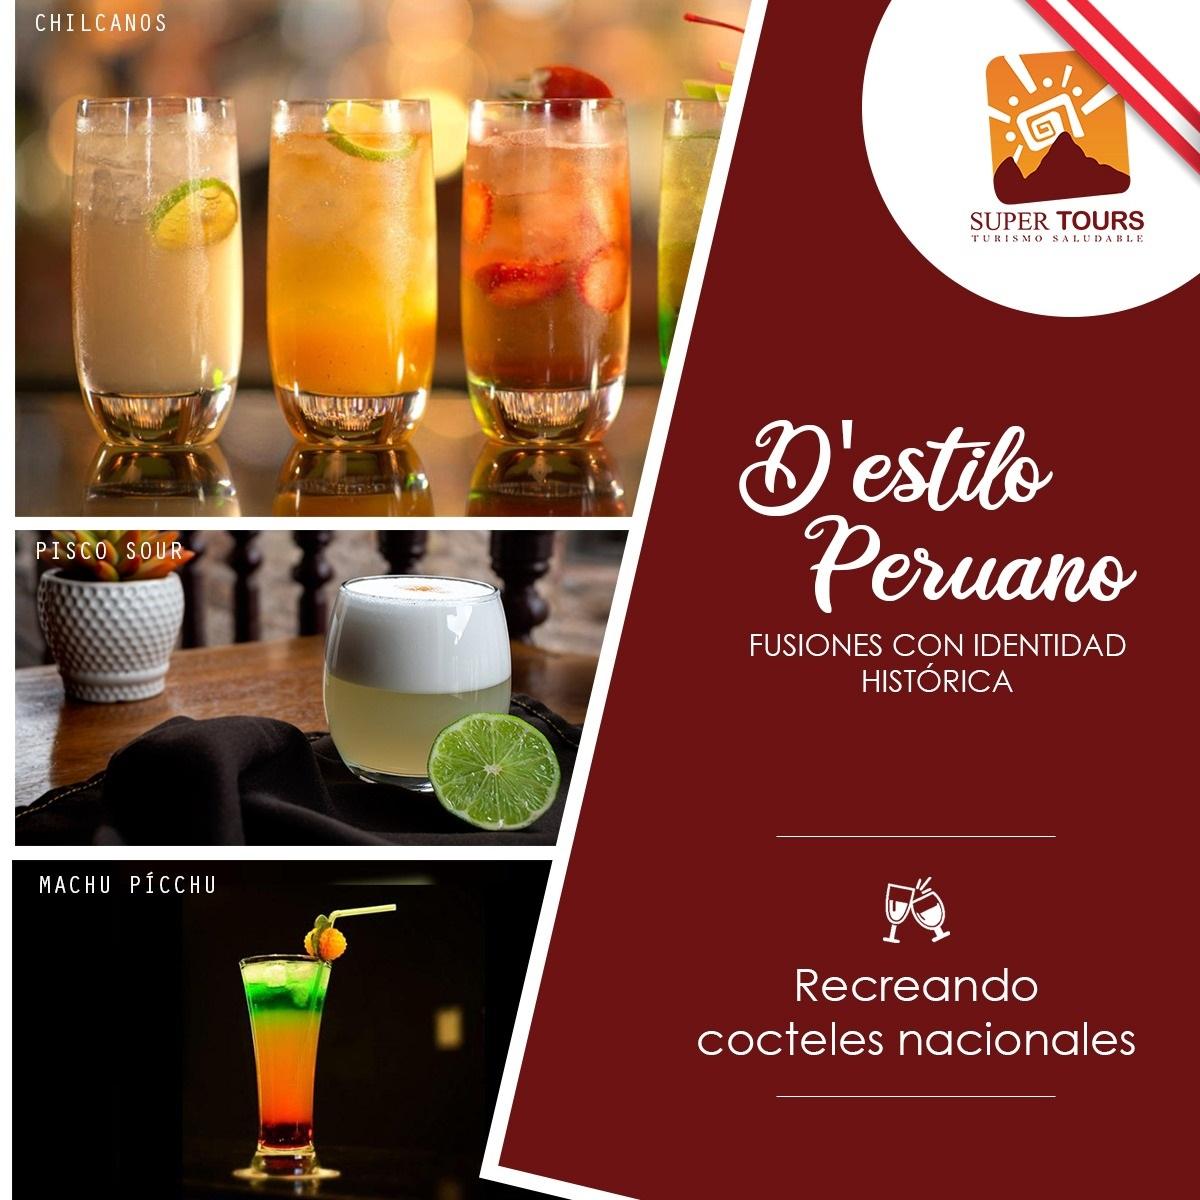 D'estilo peruano